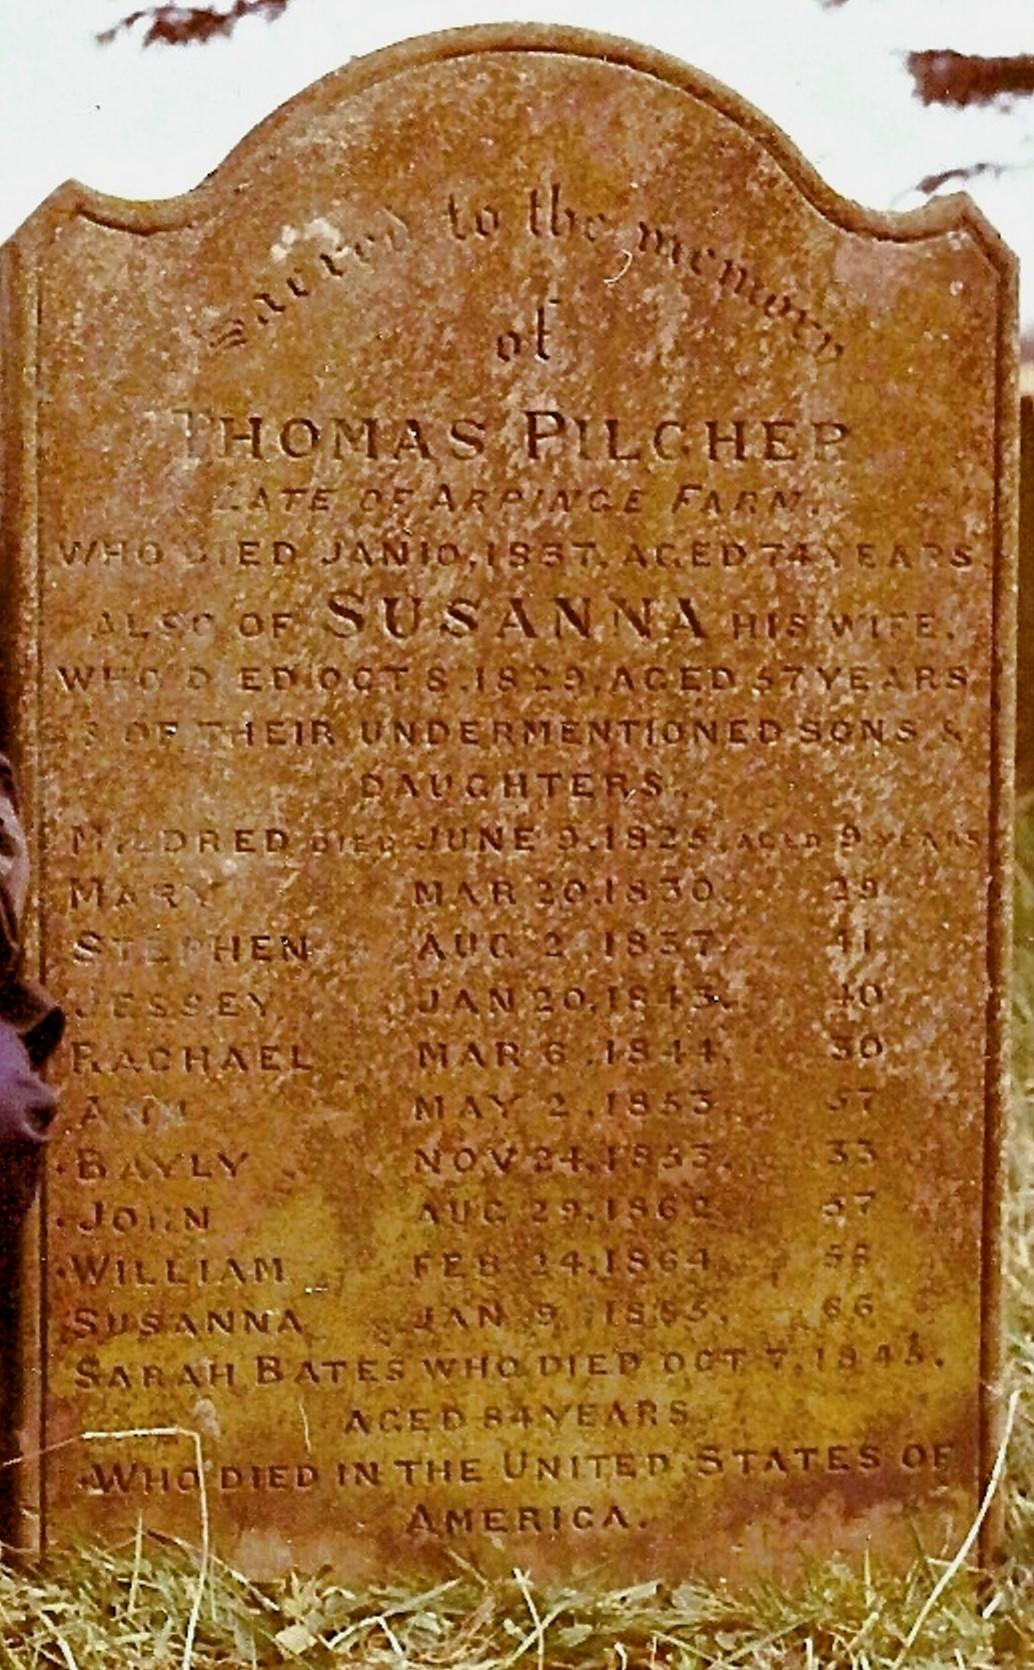 Thomas Pilcher